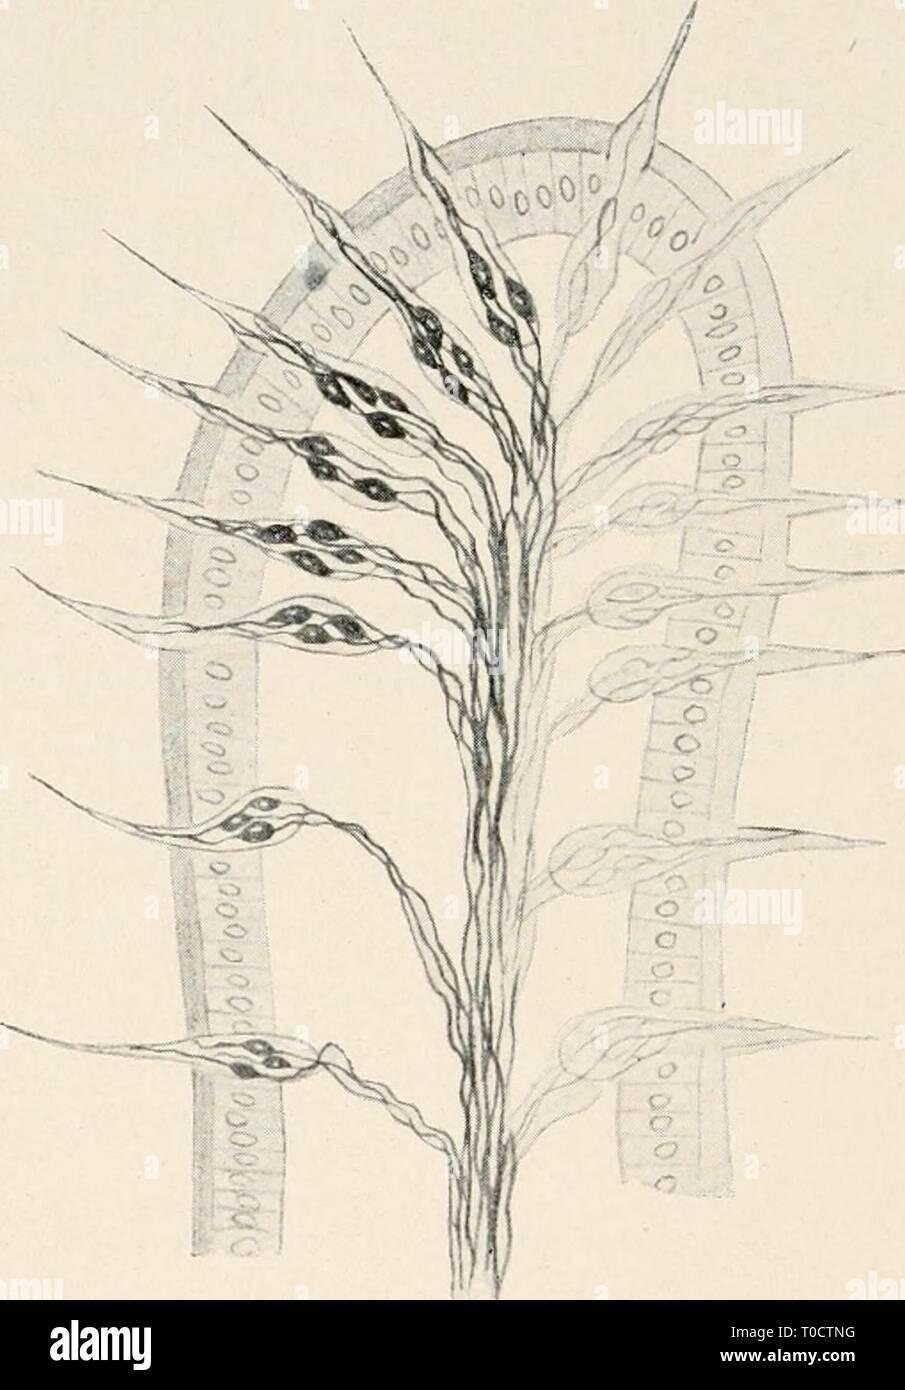 Einführung in die Biologie (1912) Einführung in die Biologie einfhrungindie00maas Year: 1912  312 Achtzehntes Kapitel. Bei einer Chitindecke l<;önnen keine Plasmafortsätze zur Wahr- nehmung des Reizes existieren. Es werden bei solchen Tieren darum feine Fortsätze des Chitins selbst, die gleich Miniaturstacheln über die Oberfläche herausragen, zur Tastempfindung benutzt. Solche Chitin- fortsätze stehen dann nicht wie das angrenzende Chitin der Decke mit gewöhnlichen Epithelzellen in Verbindung, sondern mit besonders S--- 0Wi -ep Muskel n    Fig. 158. Sinnespapille aus der Haut eines Wurms (n - Stock Image